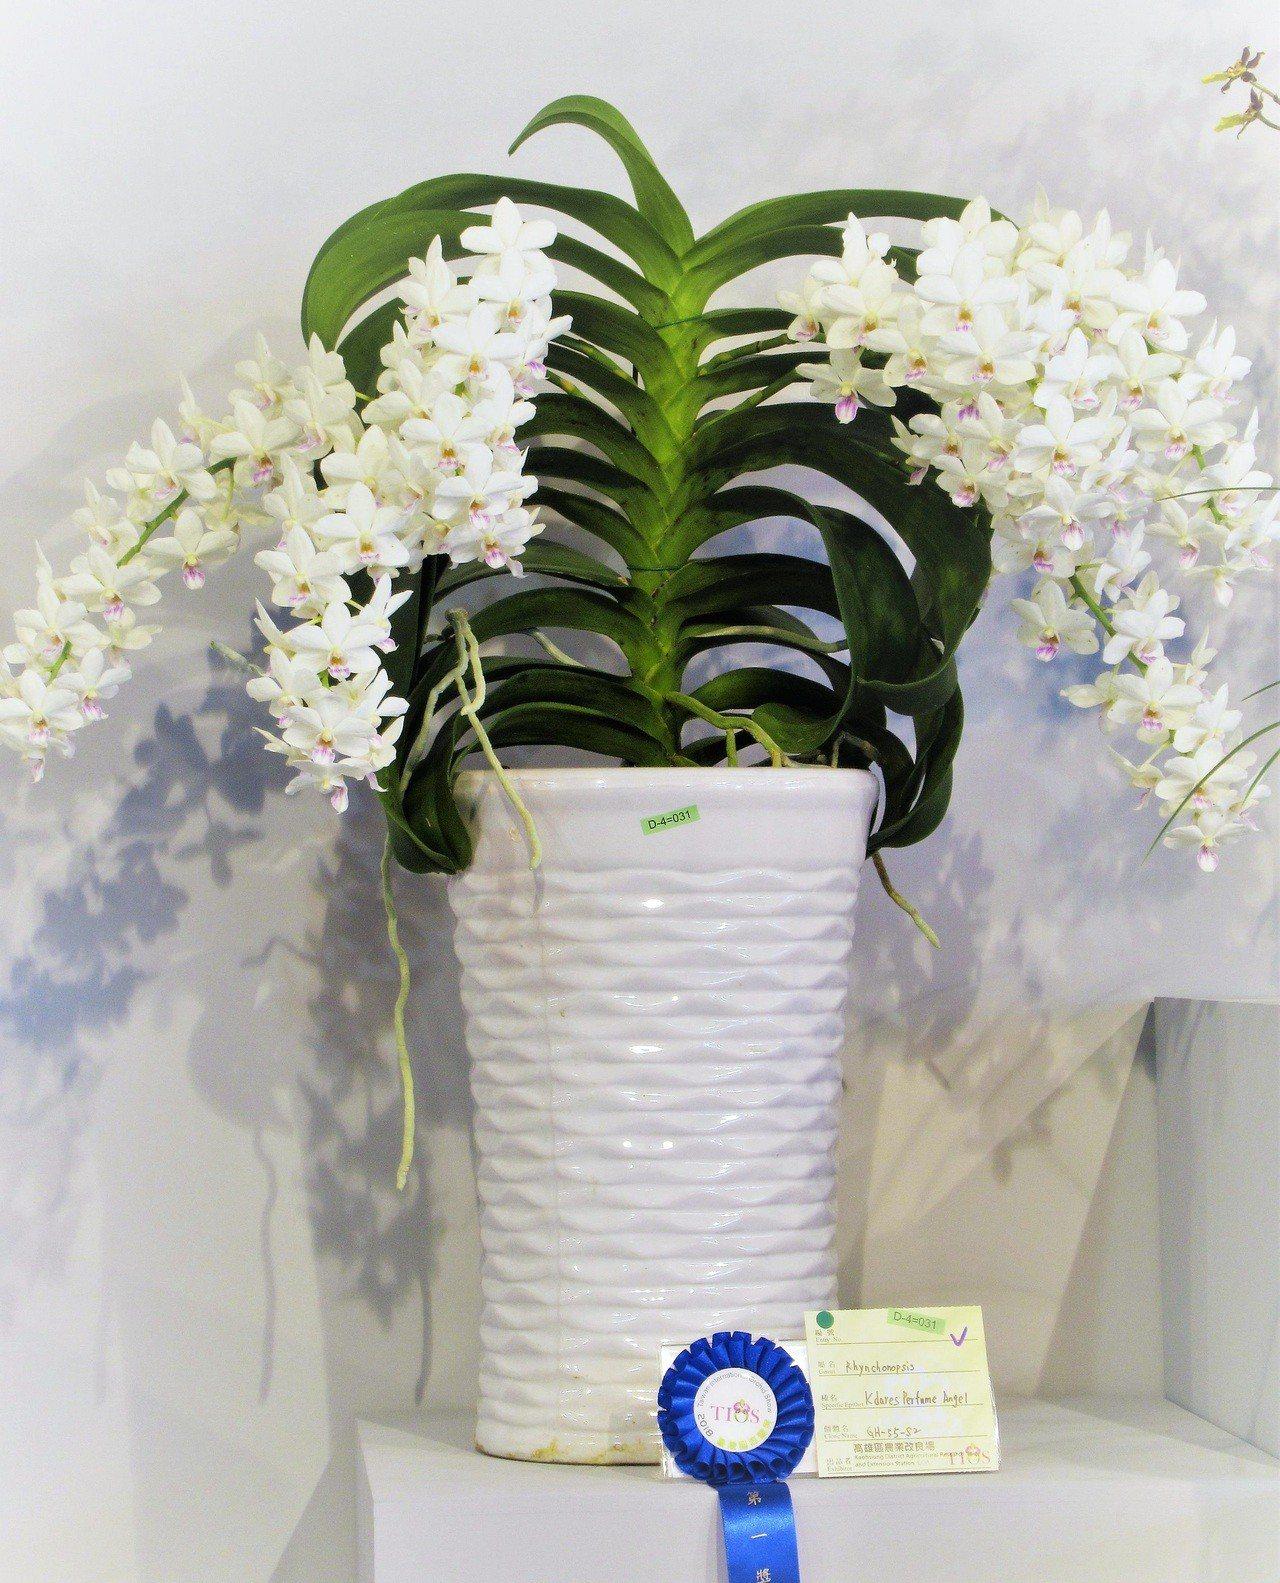 由高雄農改場培育的白花狐狸尾蝶蘭「香水天使」,一舉拿下「其化蘭屬」第一獎。圖/高...